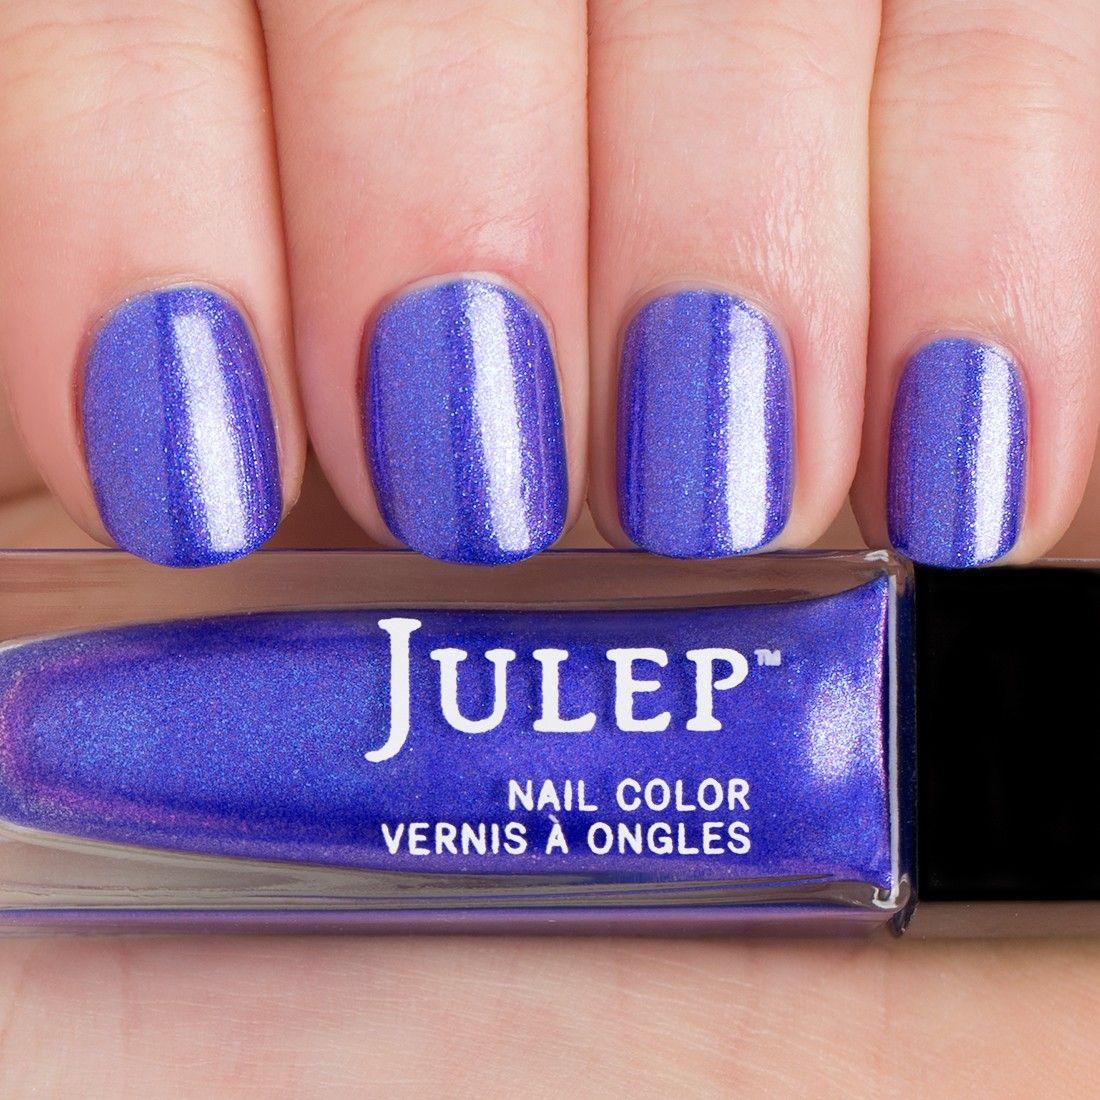 Julep Danica - Blue violet iridescent chrome (Boho Glam) | Julep ...